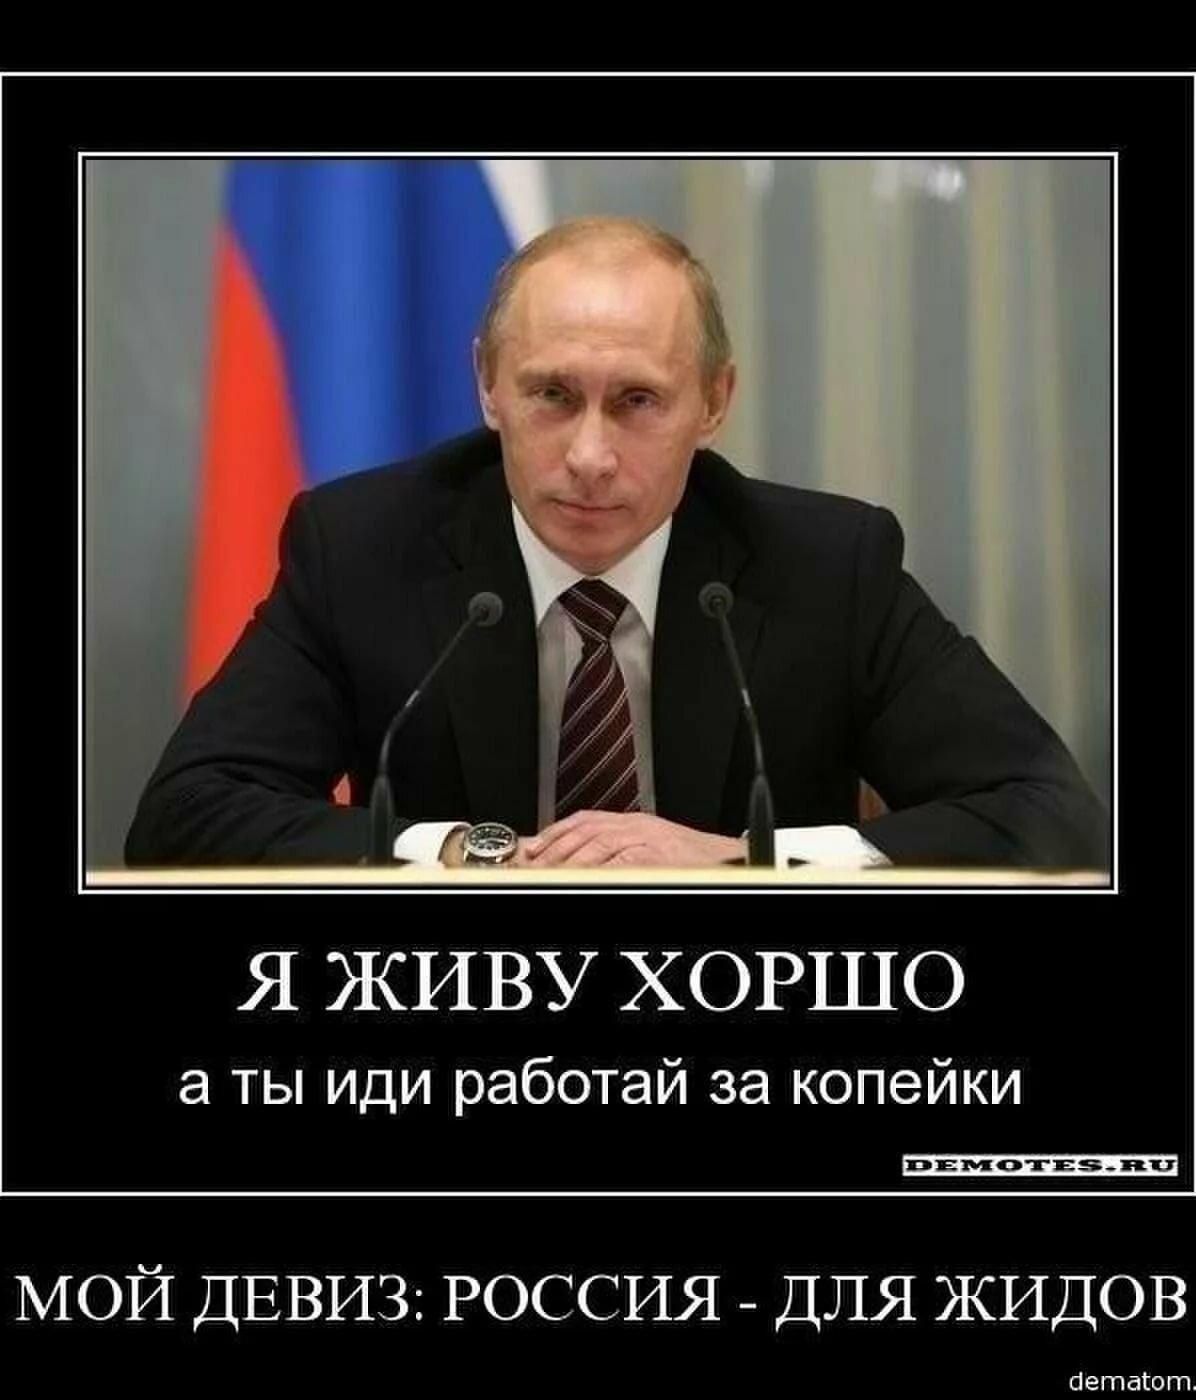 все в россию демотиватор иногда